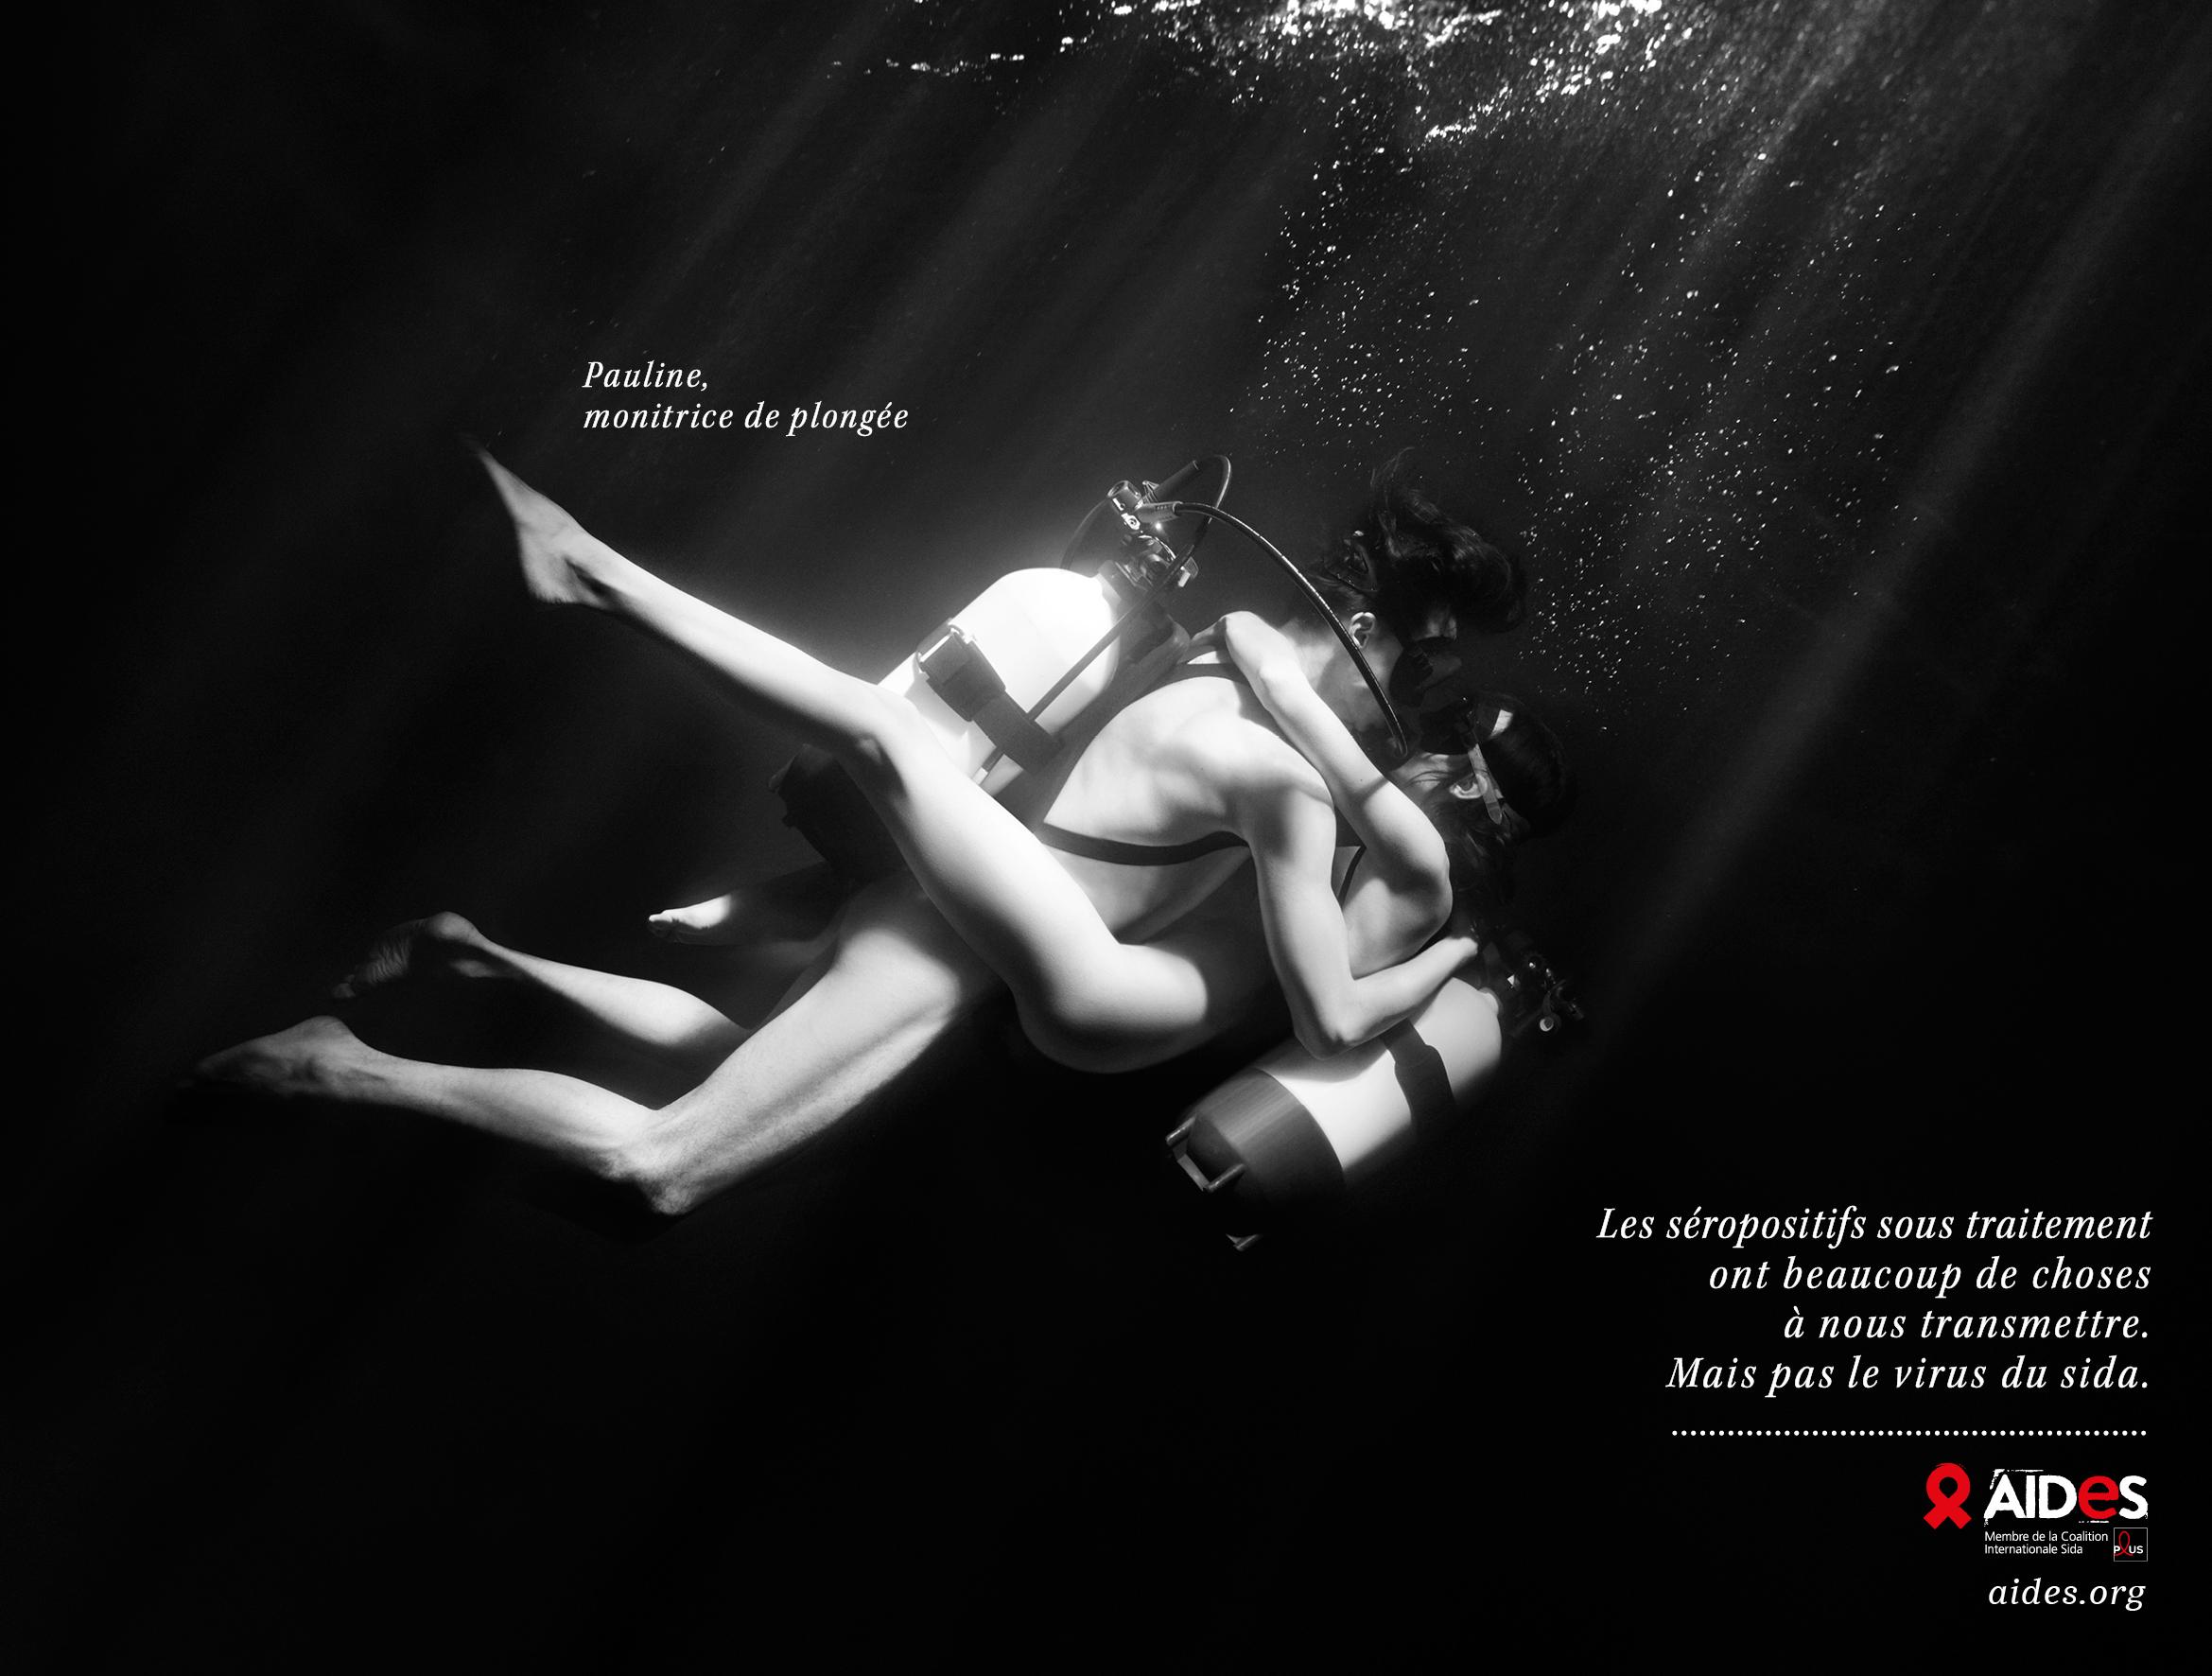 La nouvelle campagne d'Aides devrait (encore) énerver les homophobes